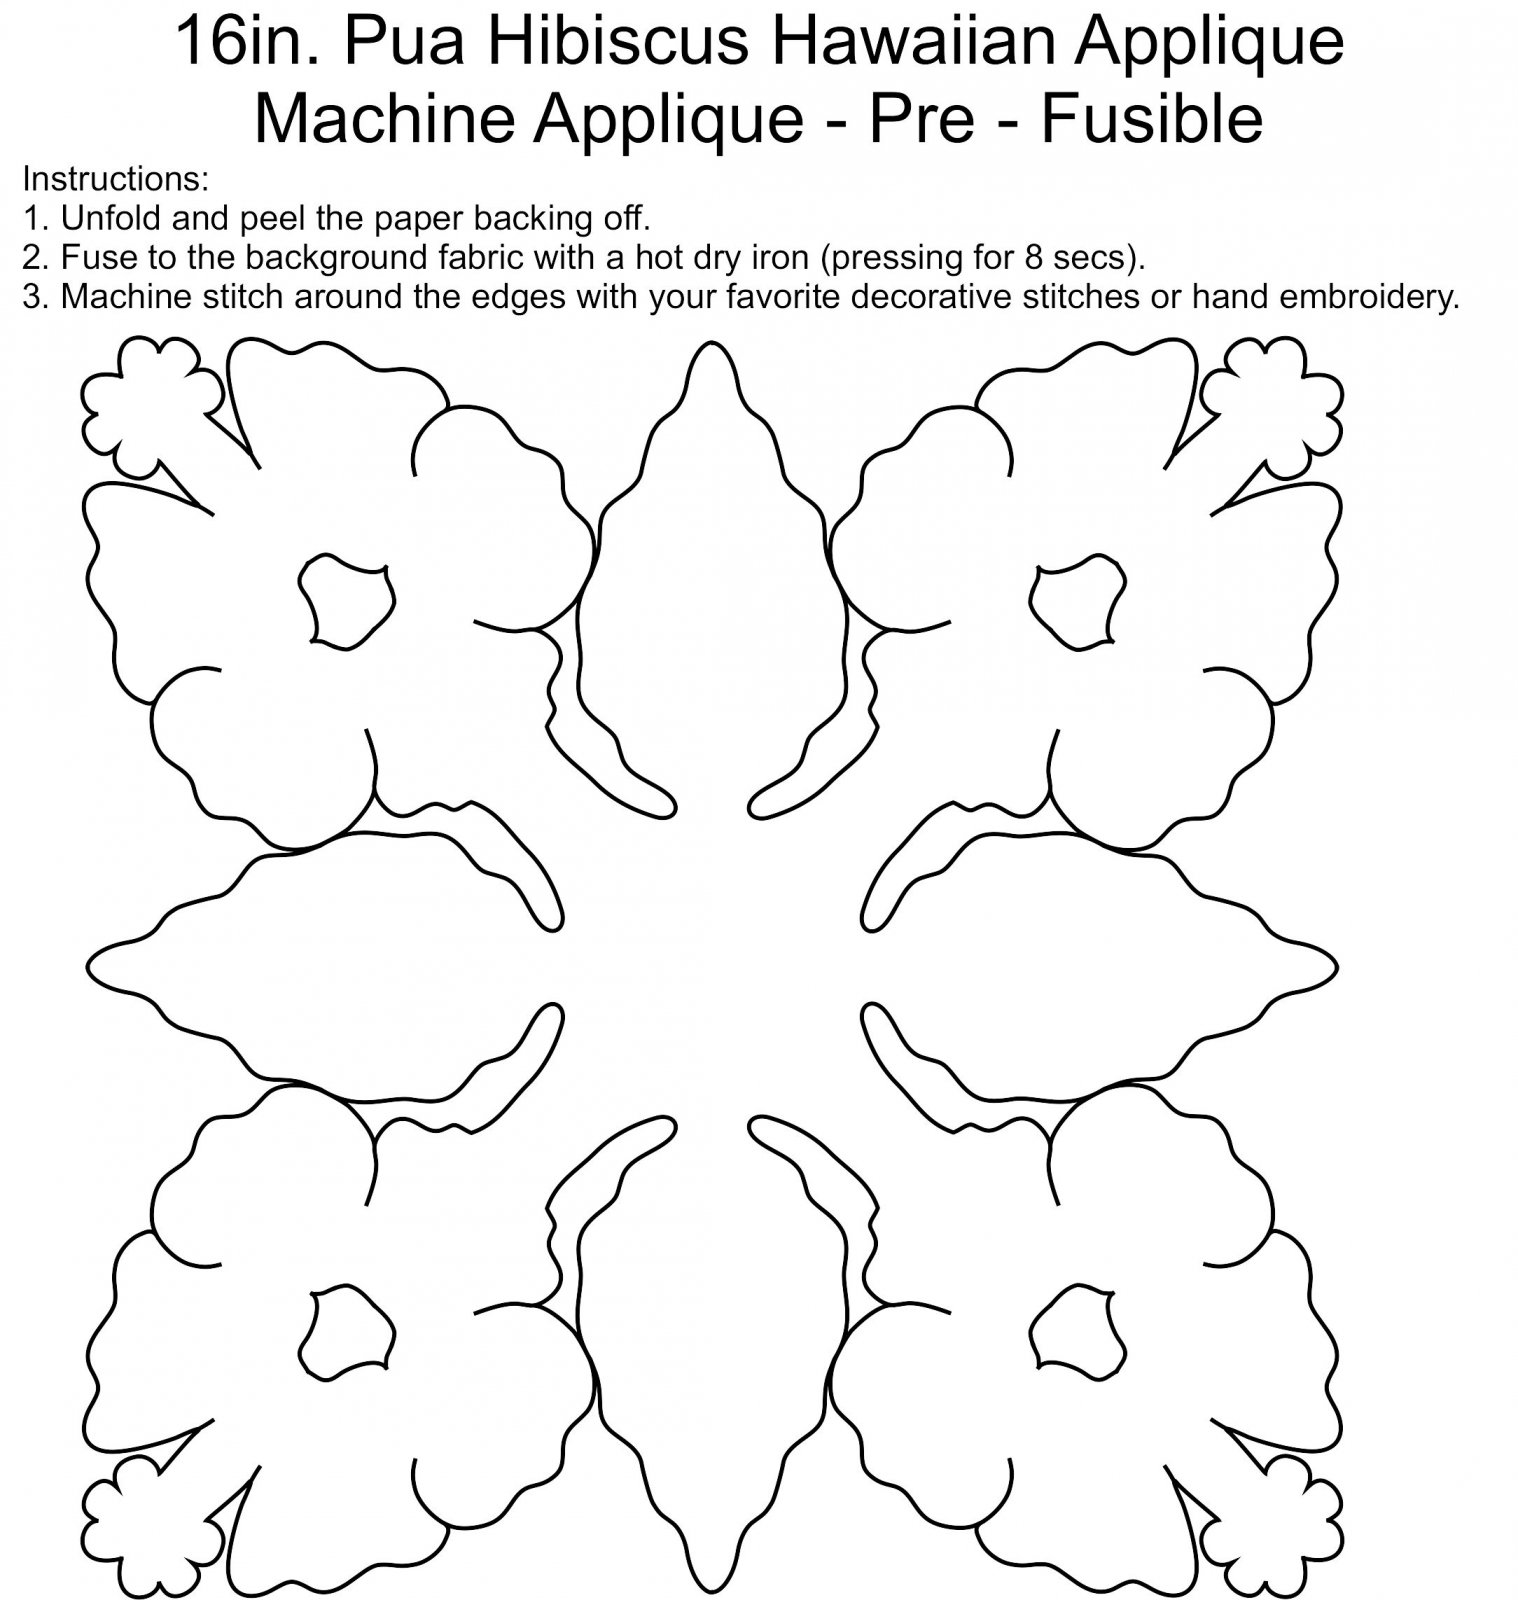 16in. Pua Hibiscus Laser Cut Fusible Applique